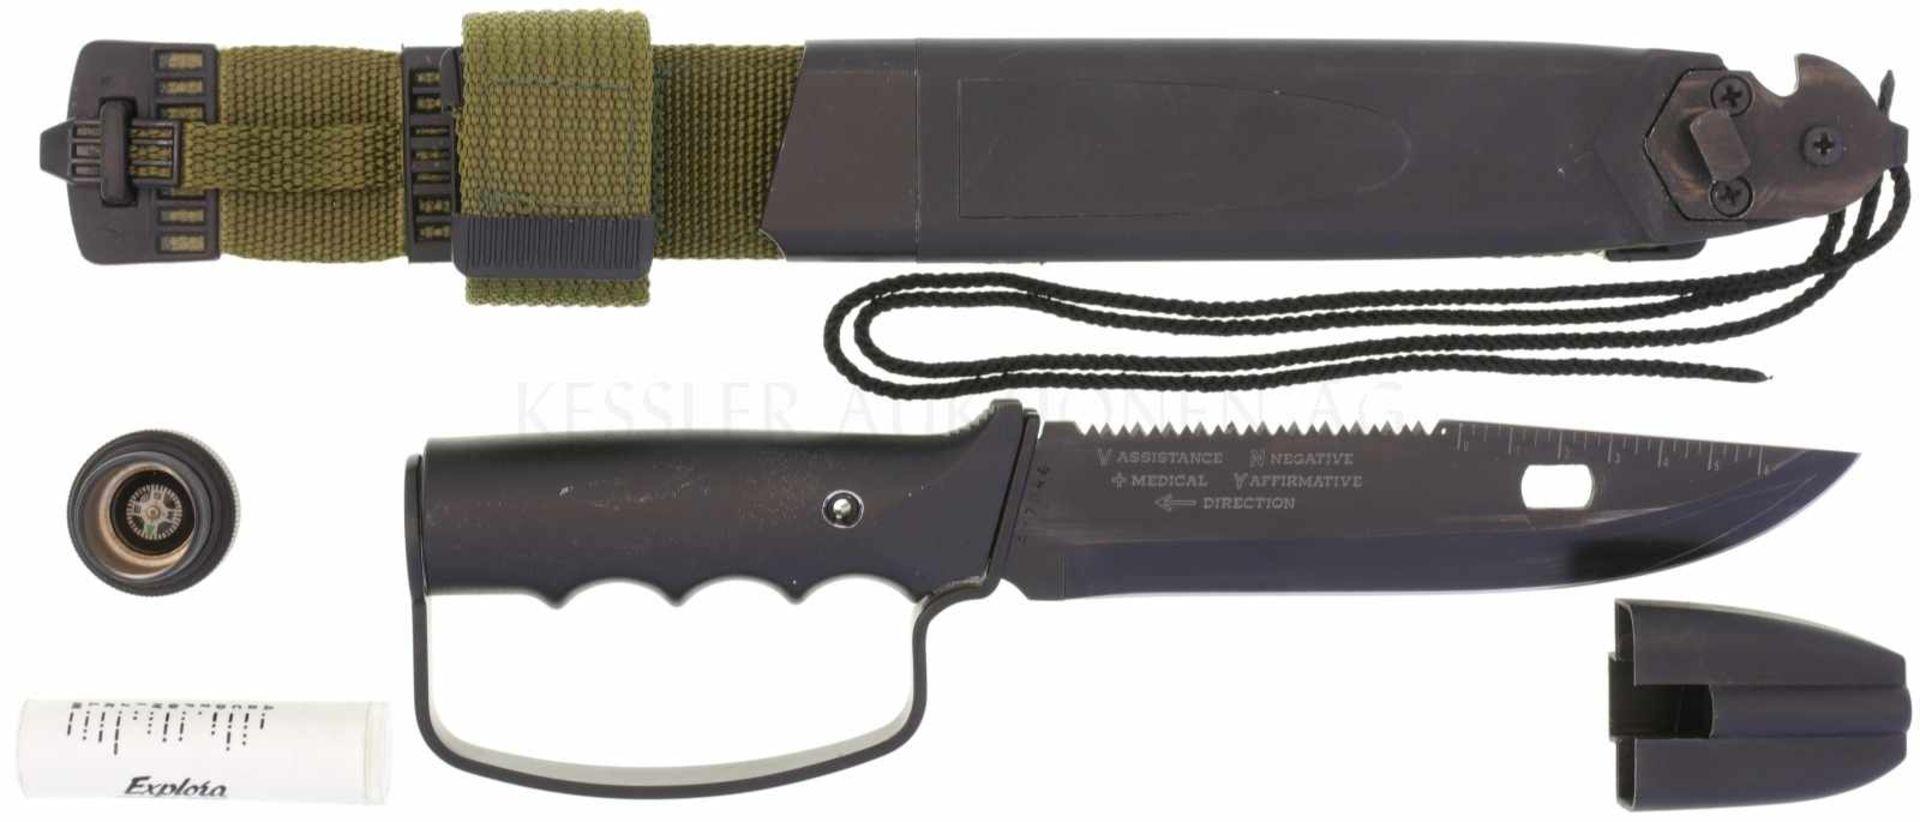 Überlebensmesser Marto Explora Survival KL 170mm, TL 303mm, brünierte Sägerückenklinge mit